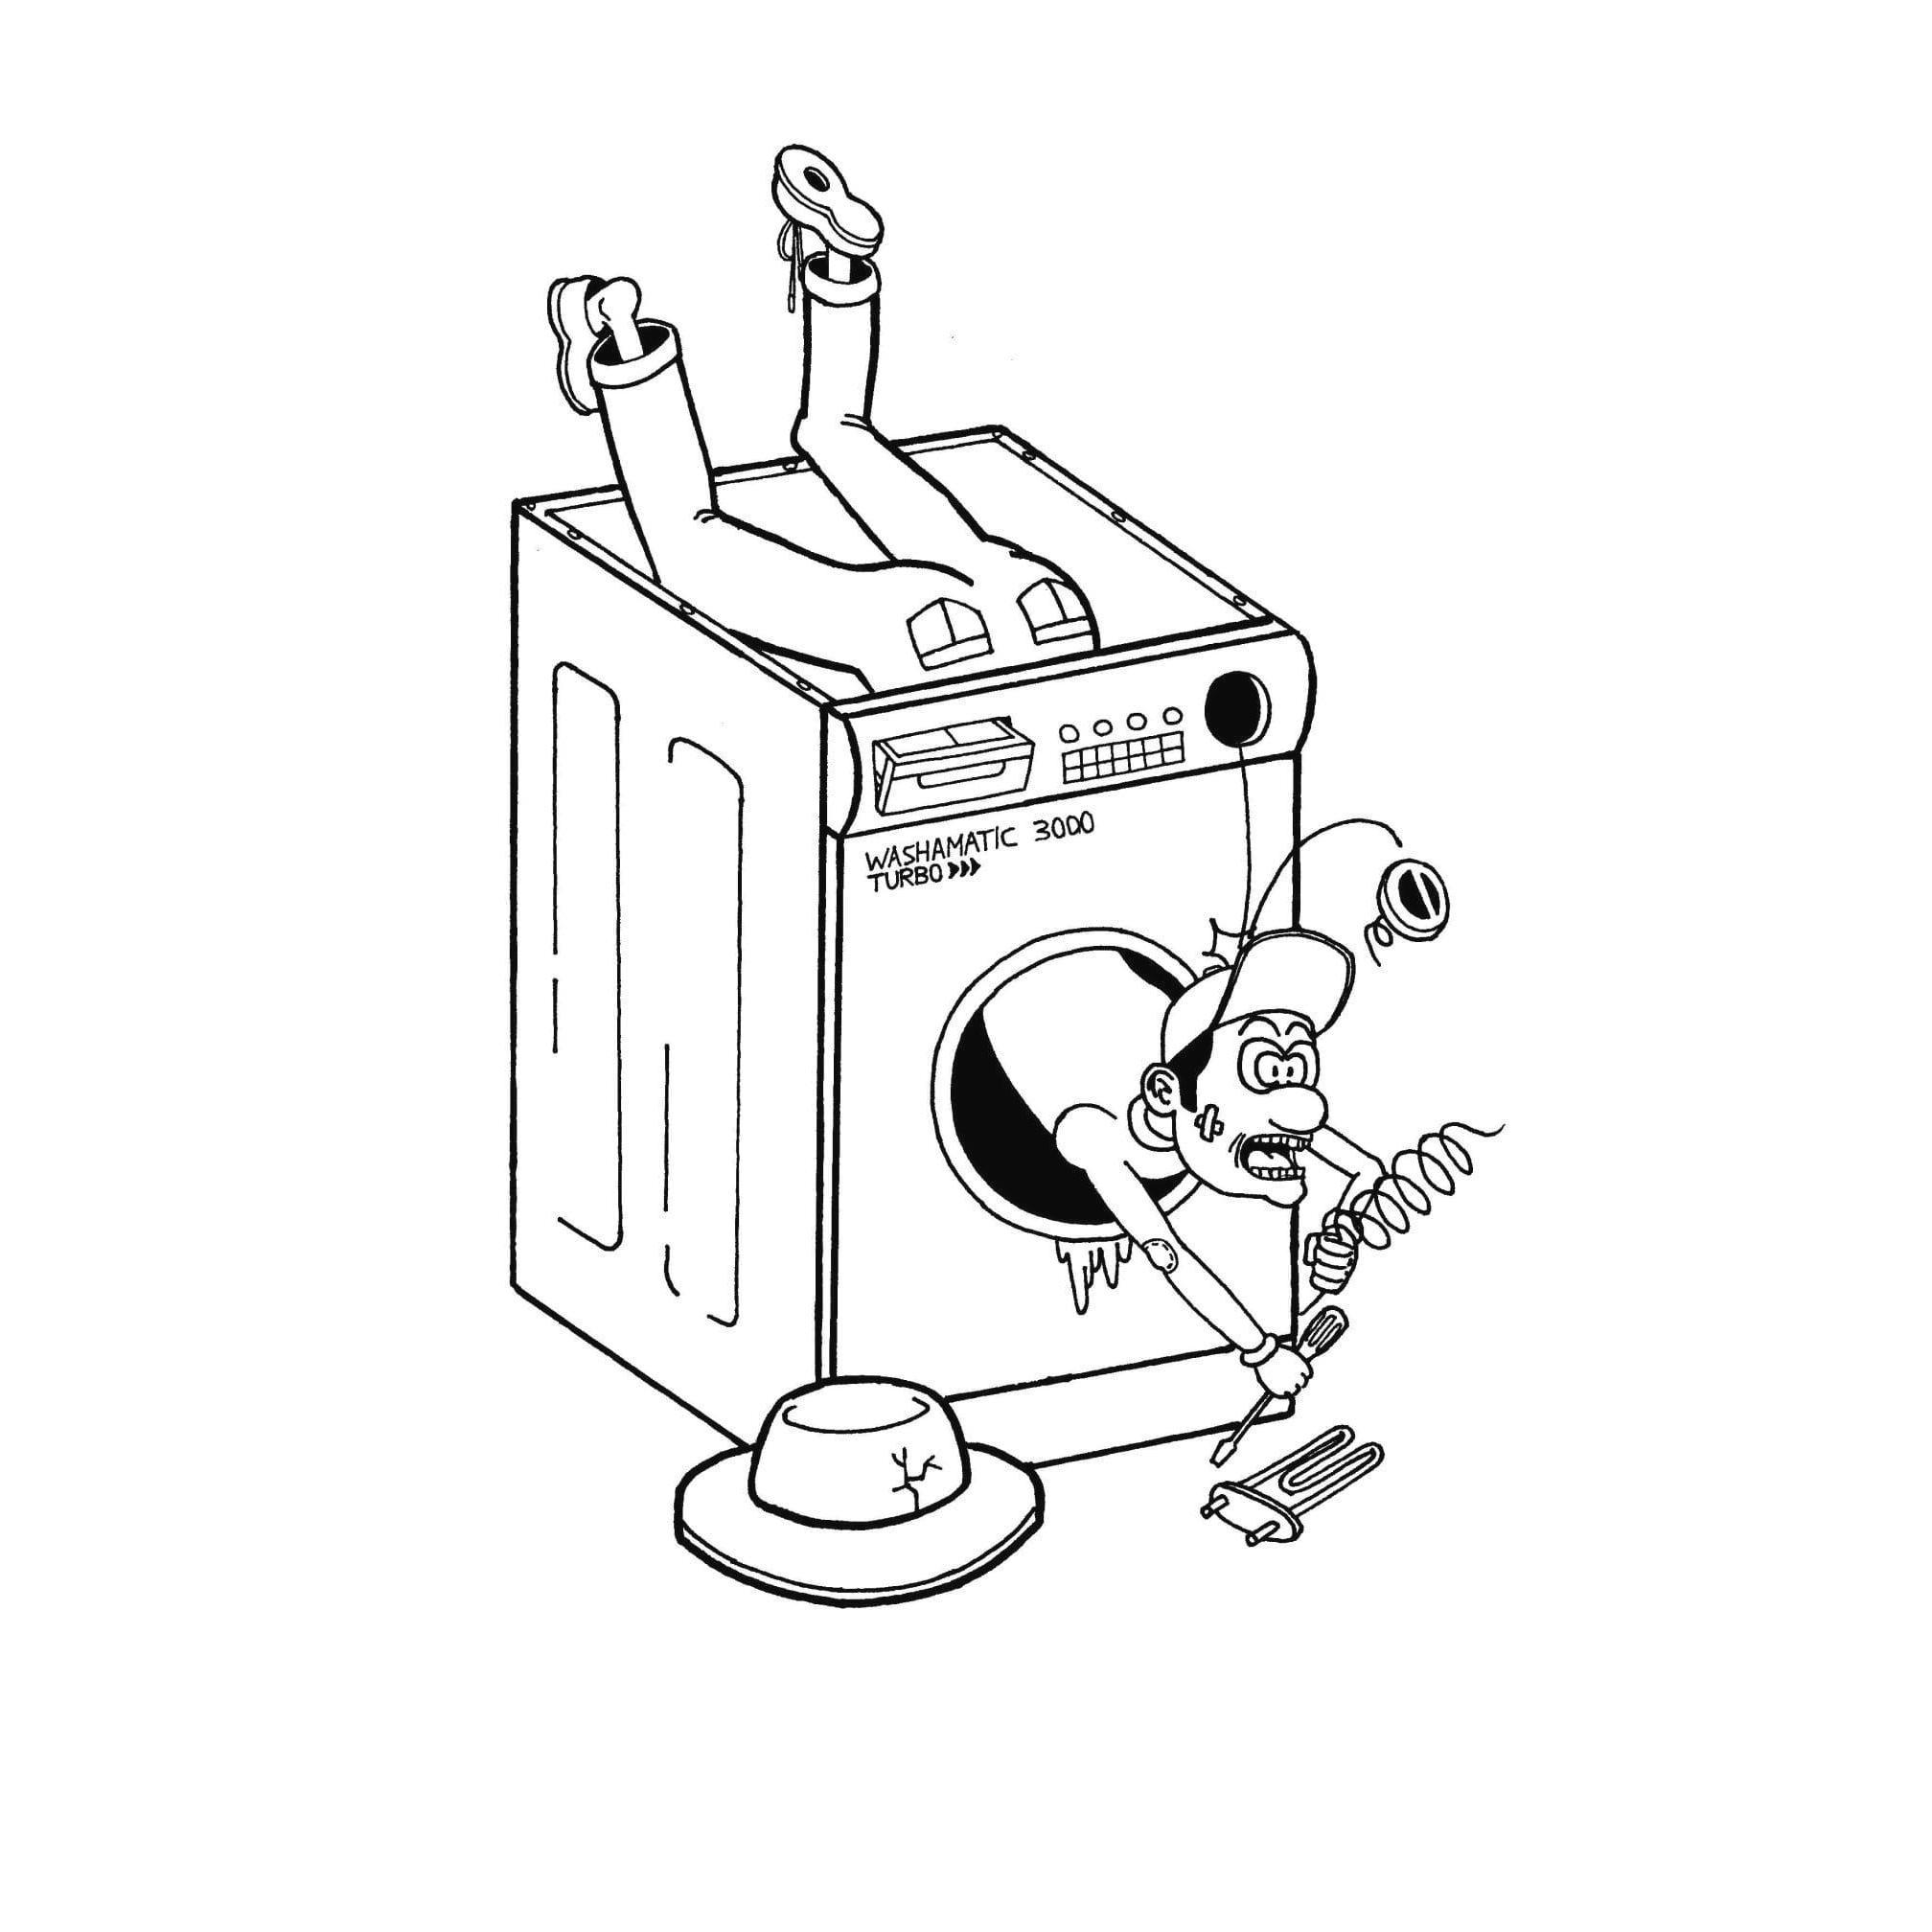 Aquarius Domestic Appliance Repairs